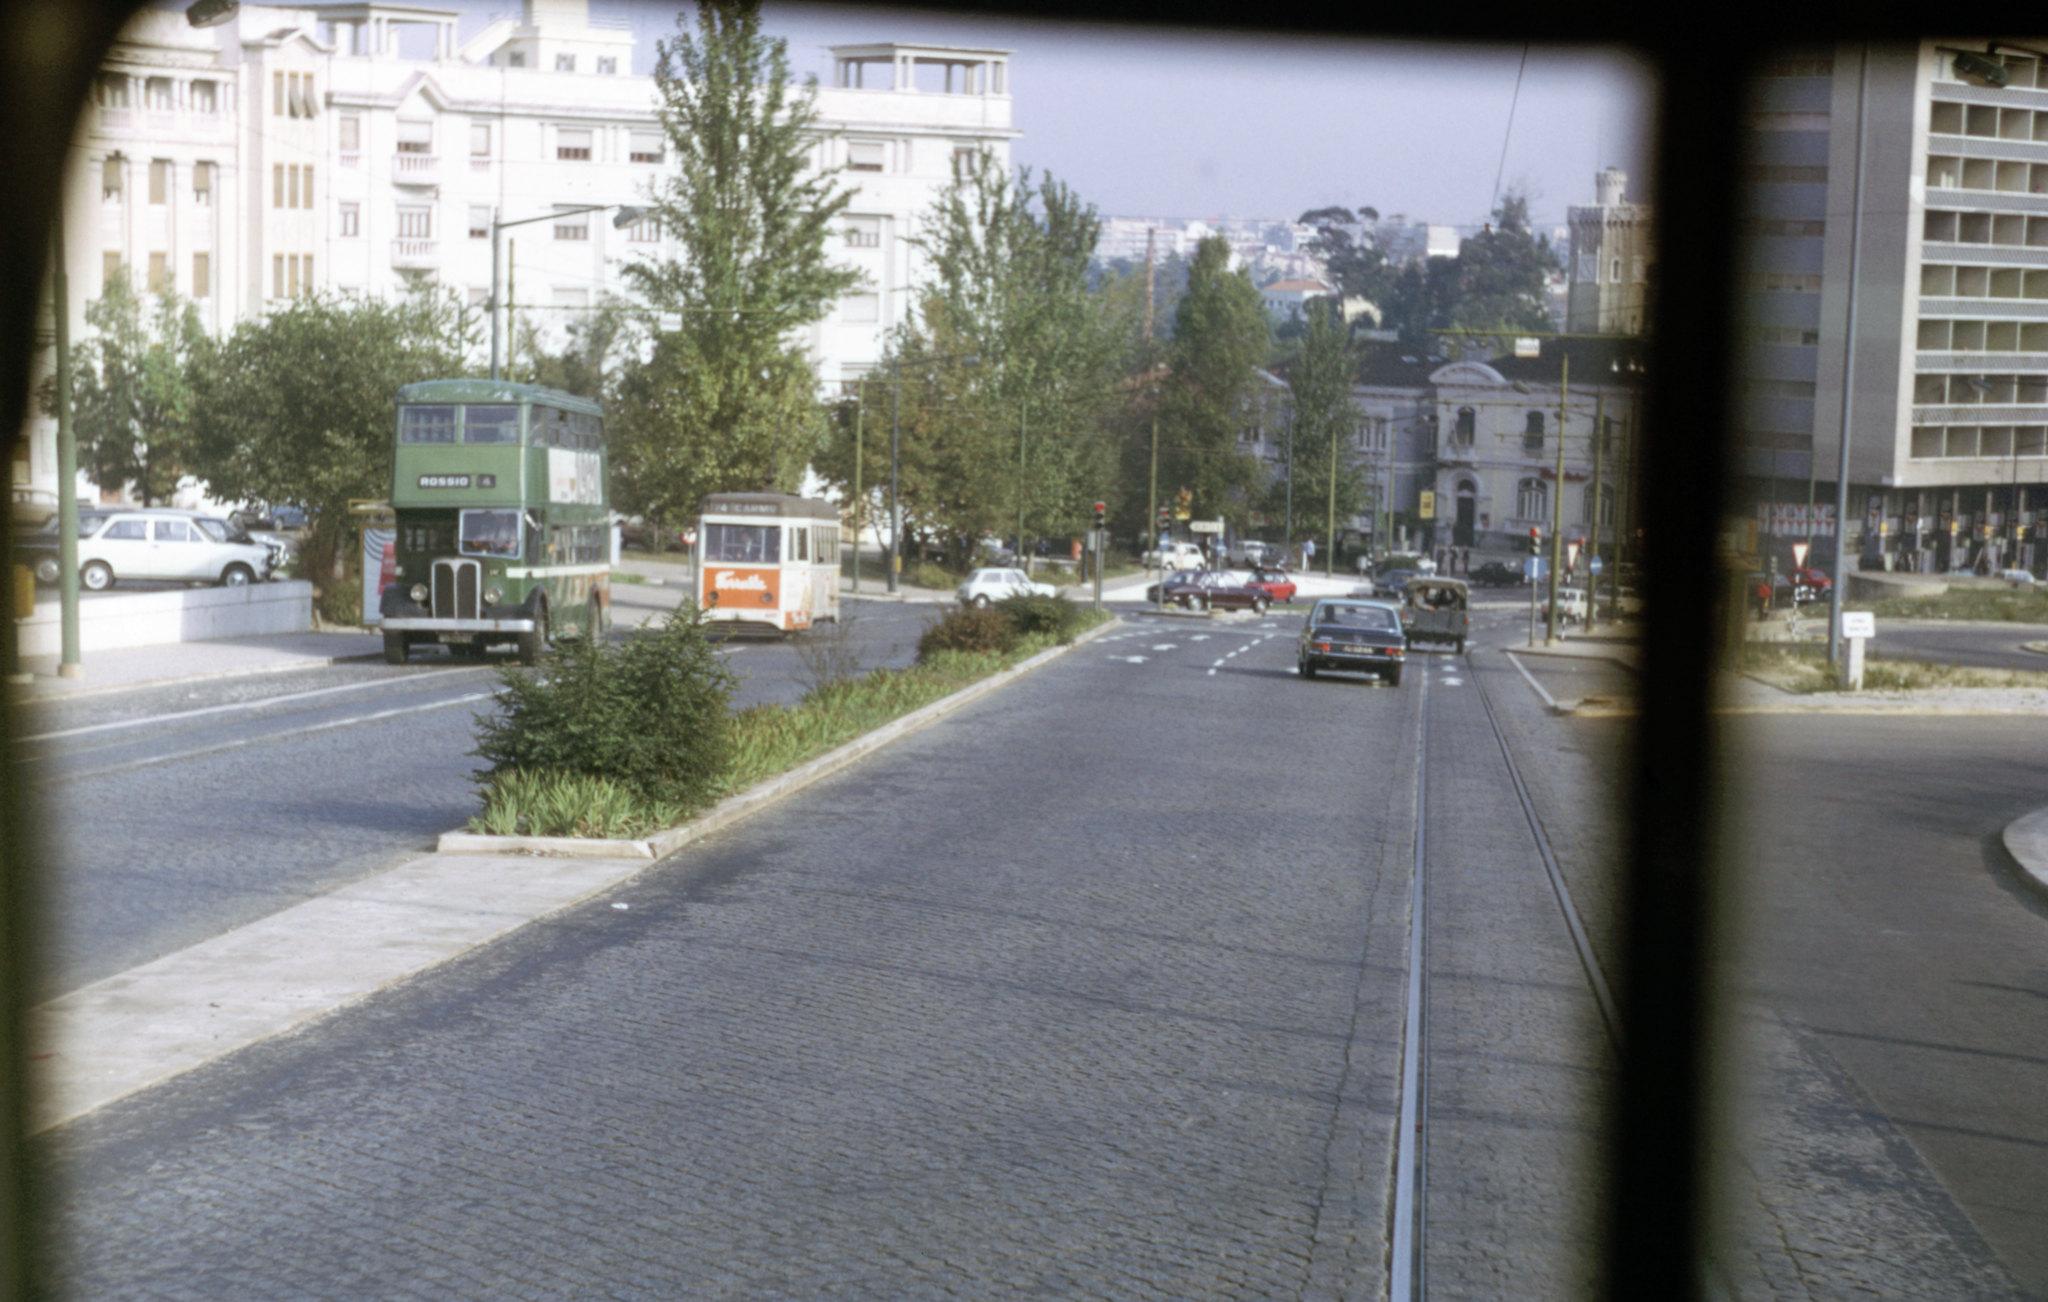 Vislumbre da Marquês de Fronteira, Lisboa (A. n/ id., c. 1980)